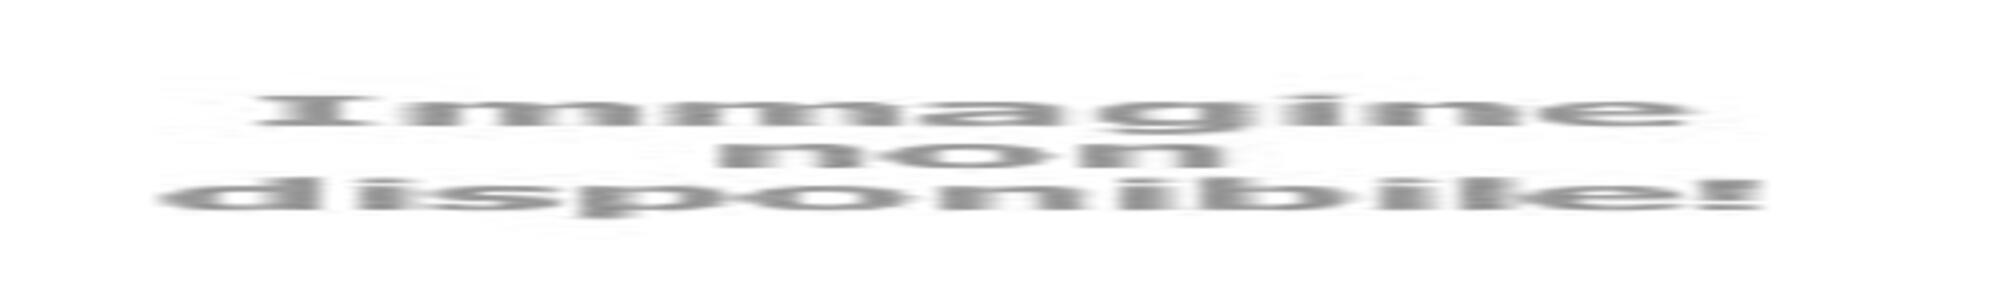 Offre Motorshow Bologne à l'hôtel près du Parc des Expos avec service navette